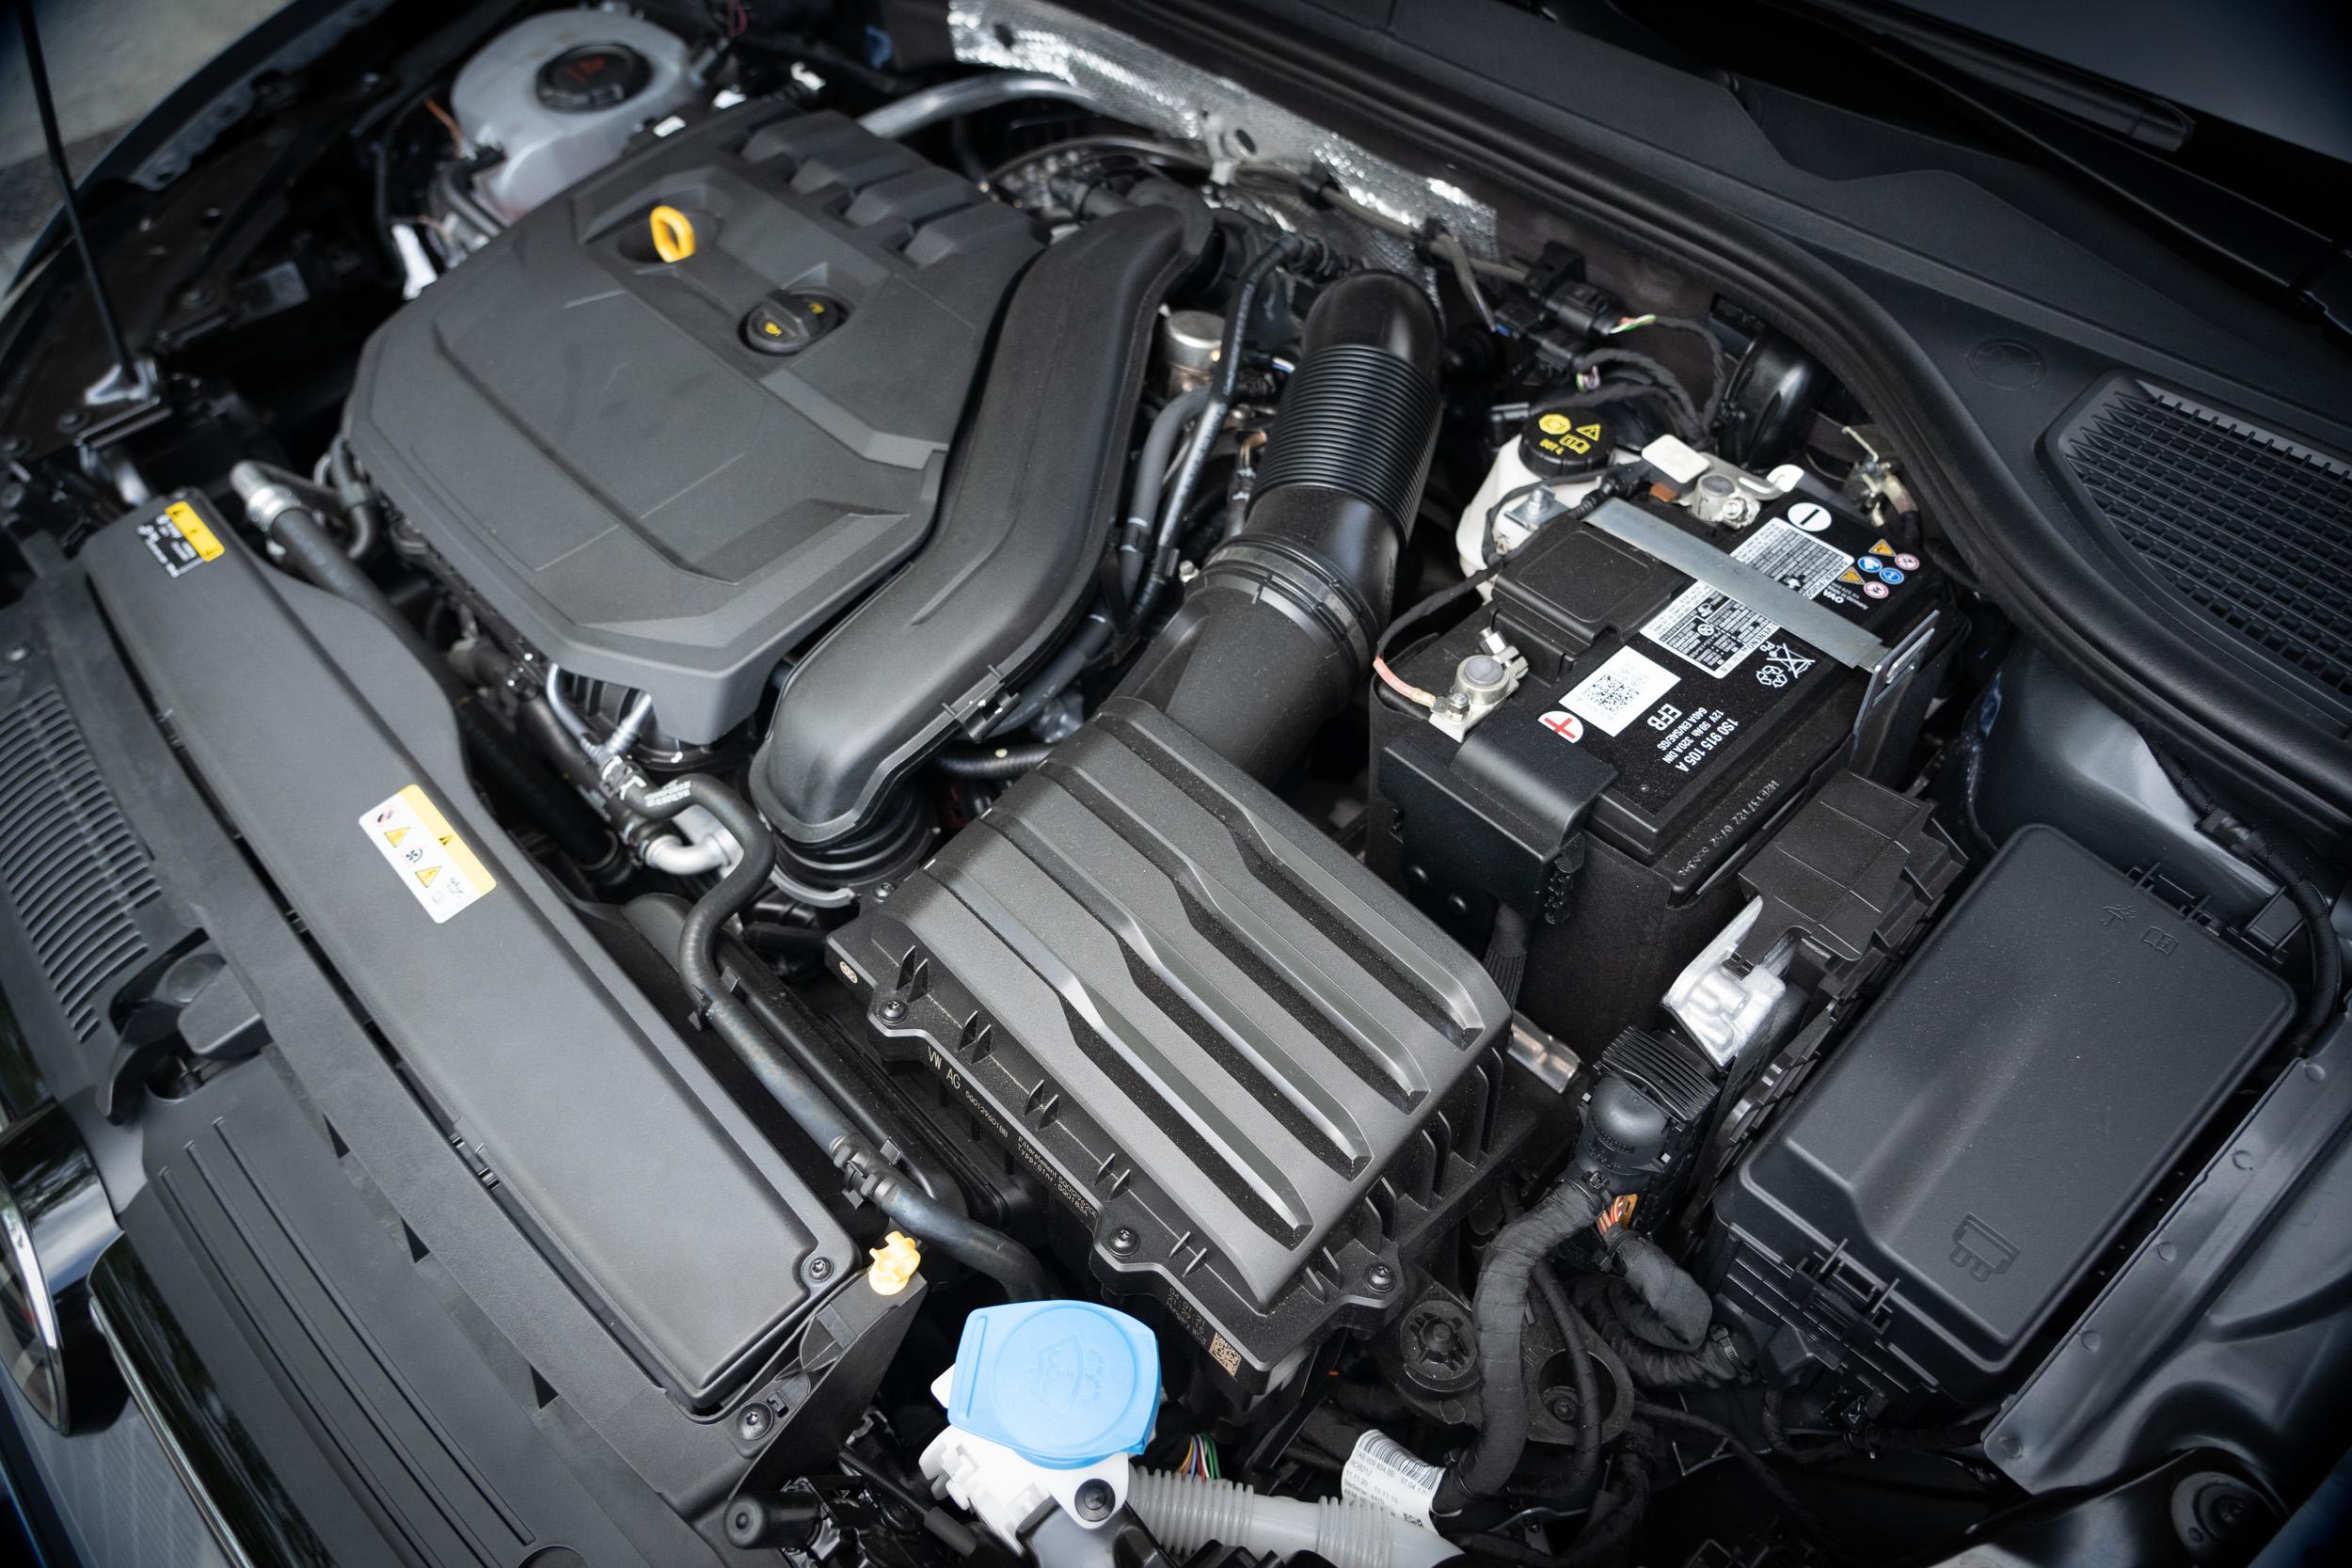 搭載1.5升渦輪增壓直列四缸汽油引擎,具備150ps / 5000~6000rpm最大馬力,與25.5kgm / 1500~3500rpm最大扭力輸出。